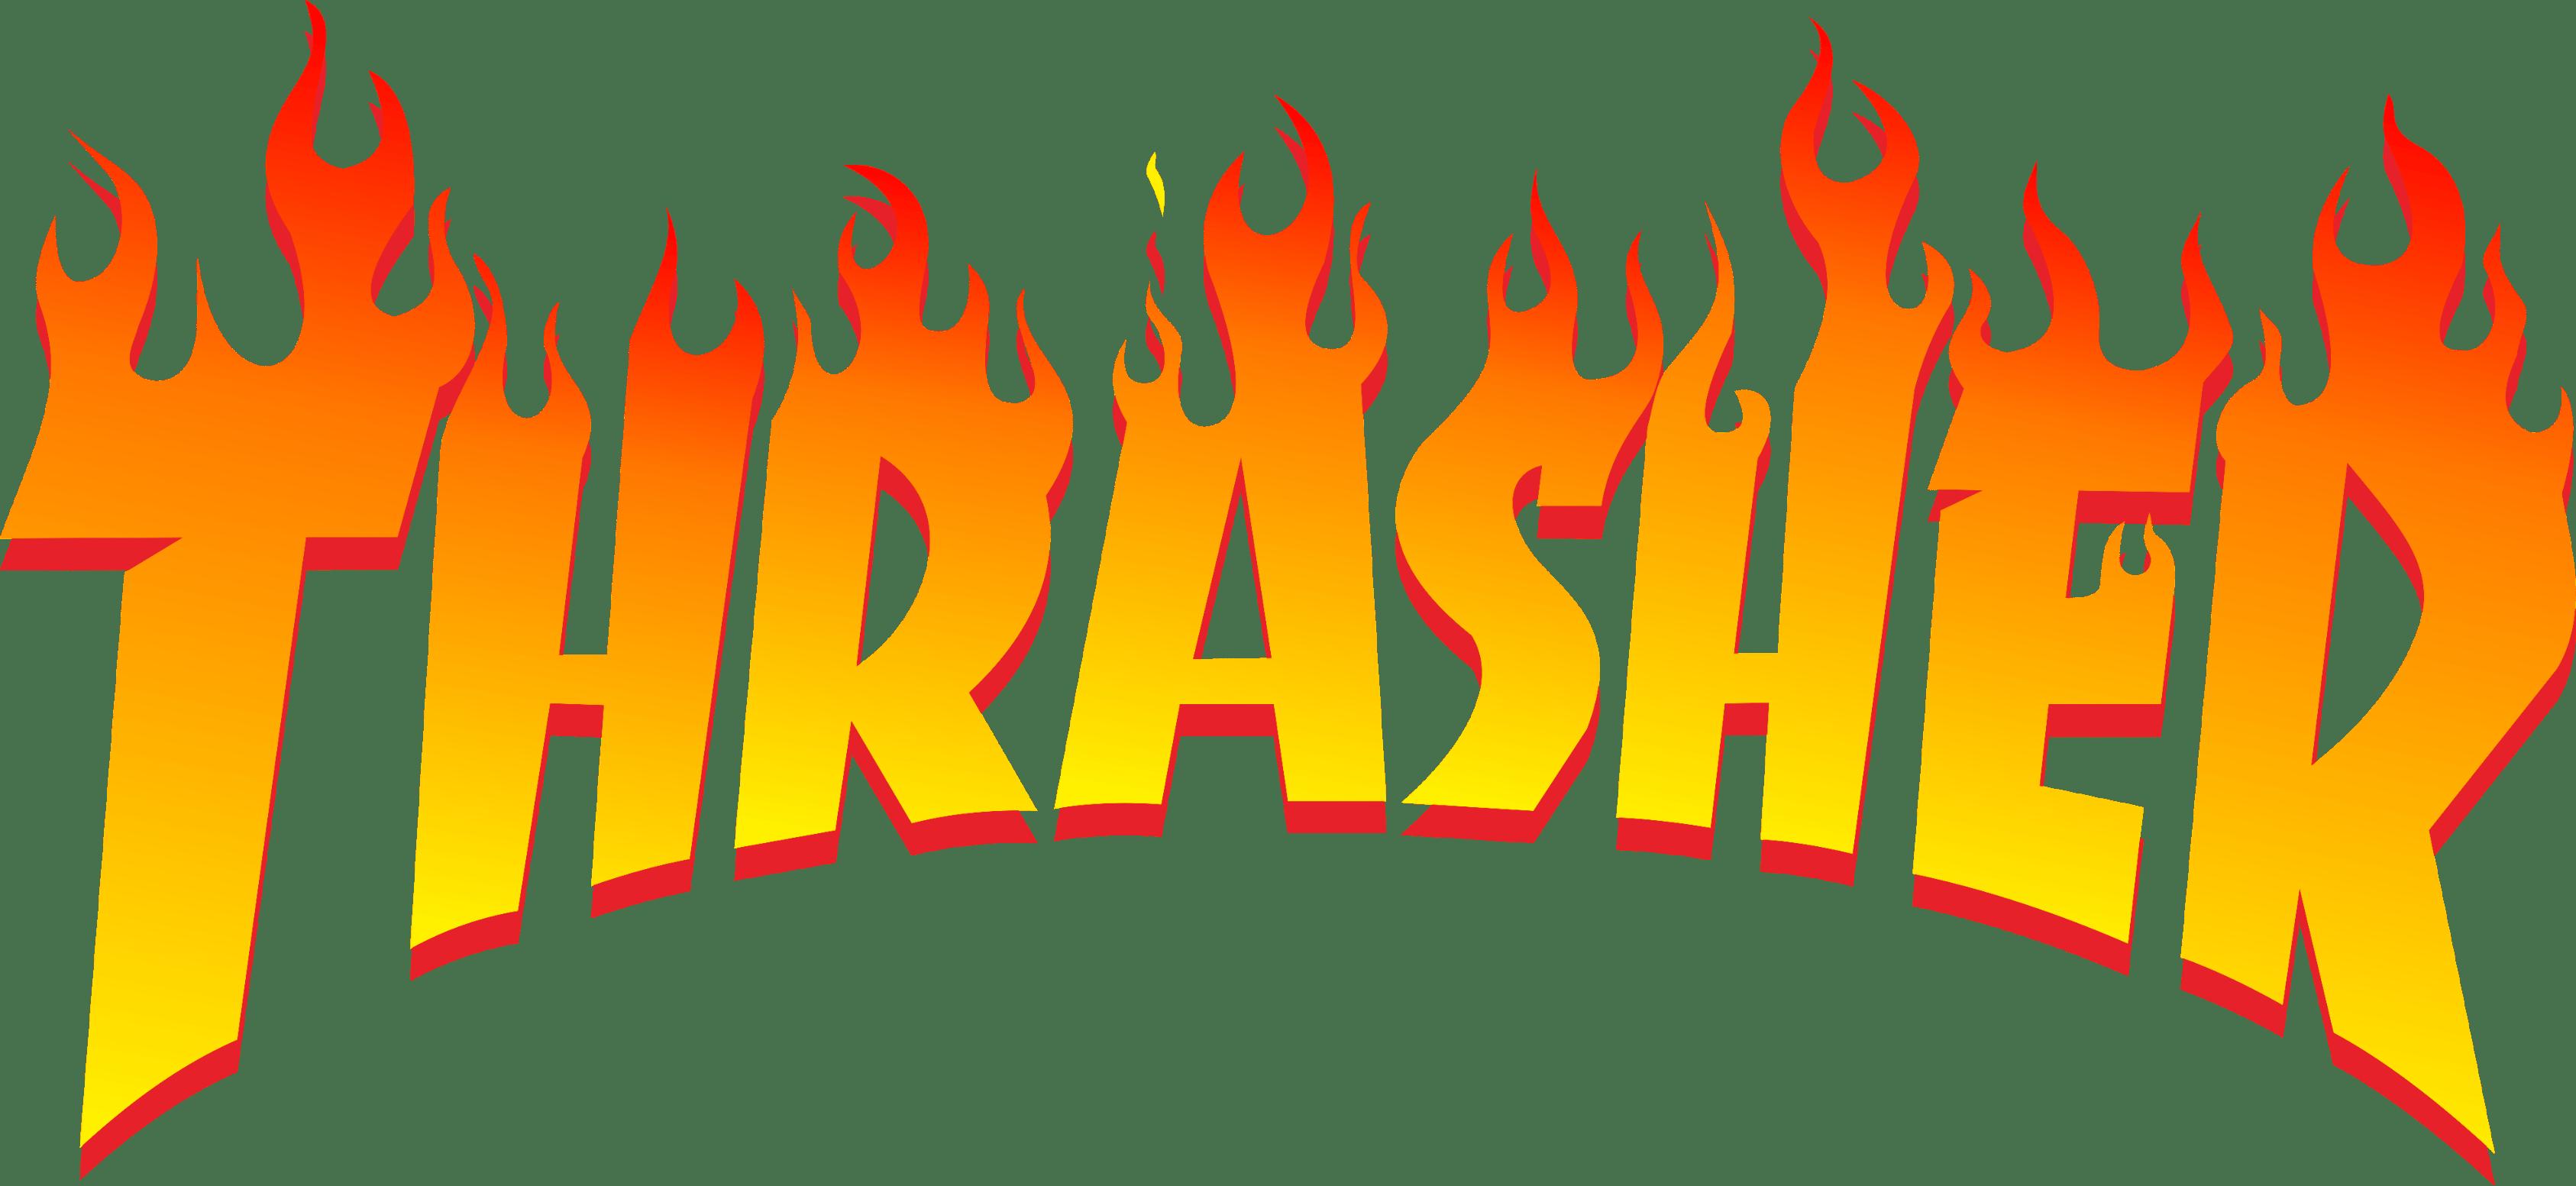 HD Thrasher Logo Thrasher Png Transparent PNG Image Download.